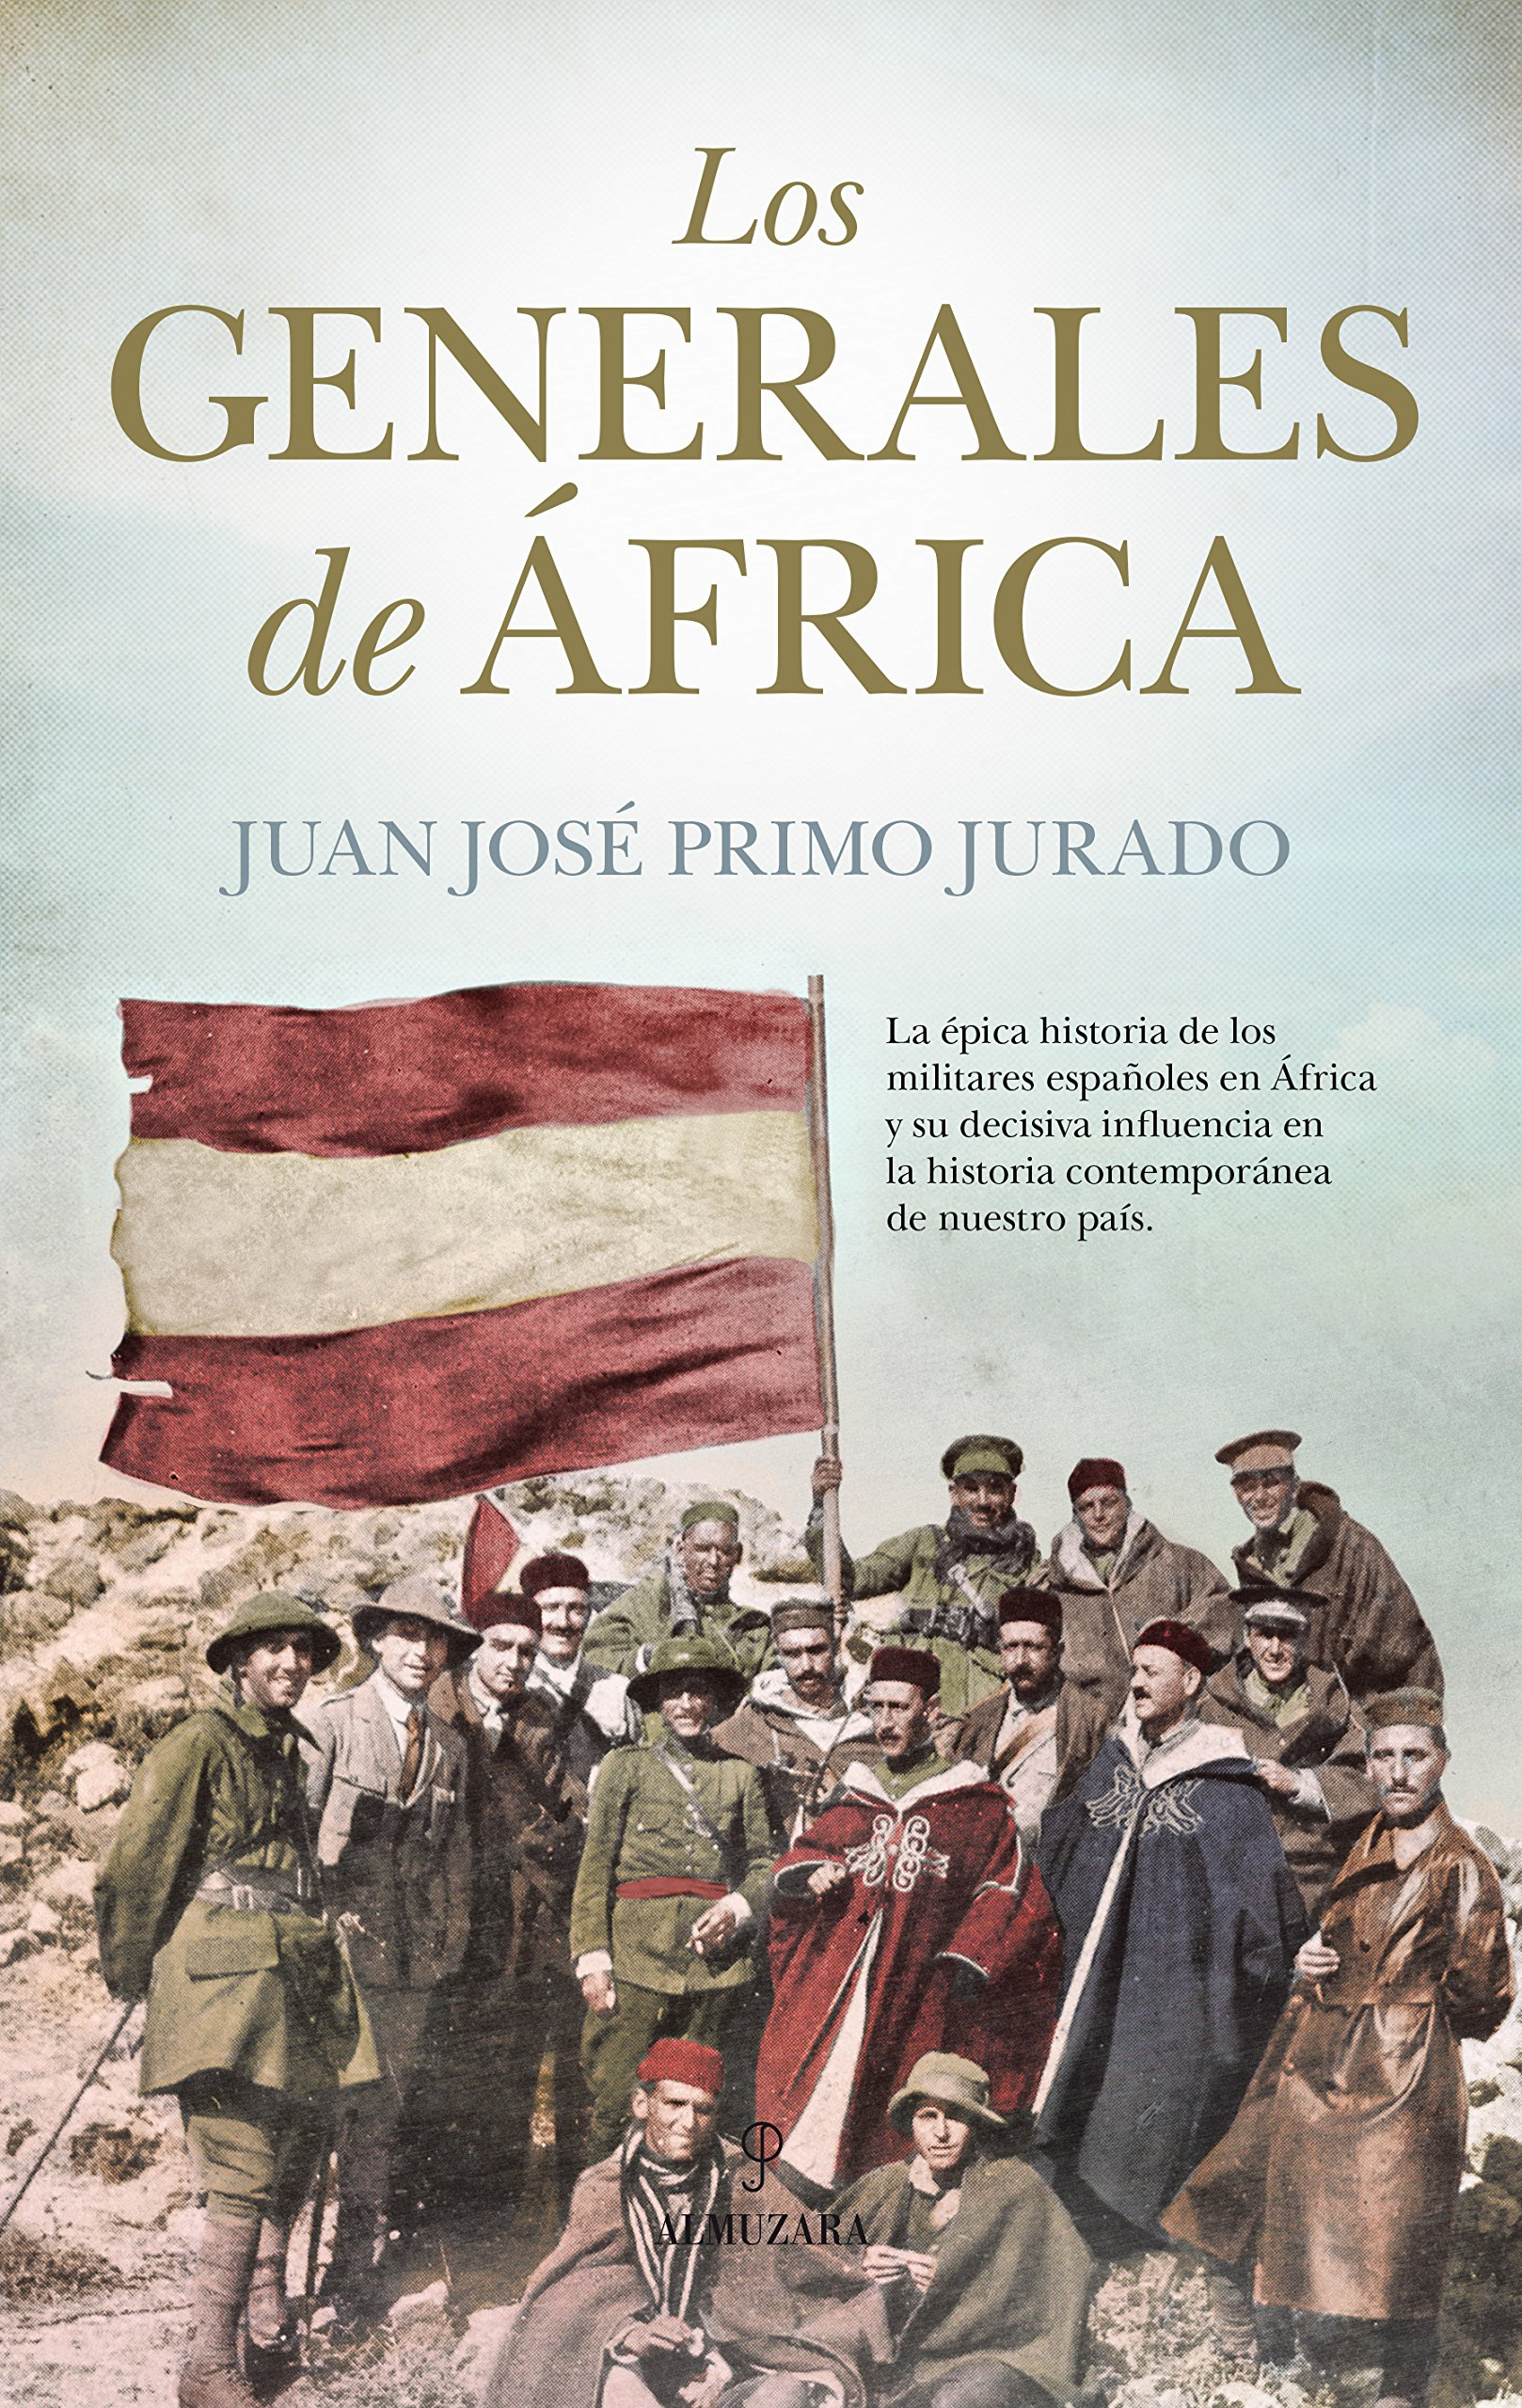 Los generales de África (Historia): Amazon.es: Primo Jurado, Juan ...